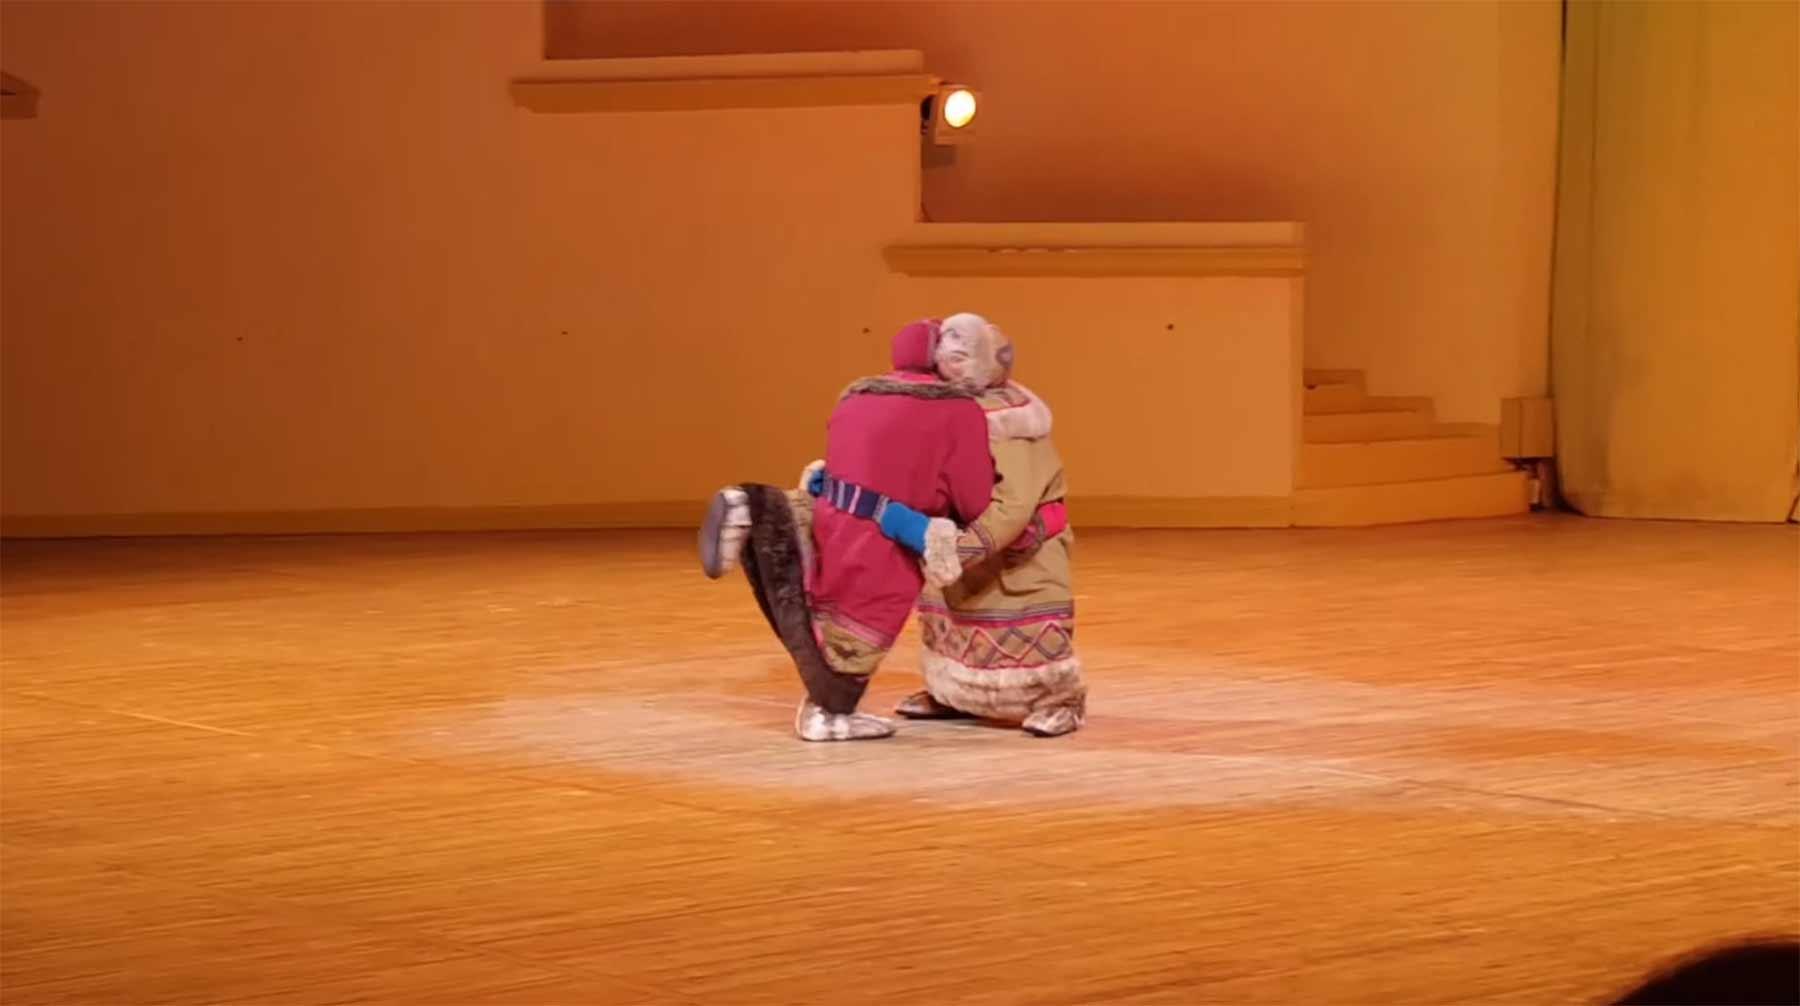 Balletttänzer kämpft mit sich selbst